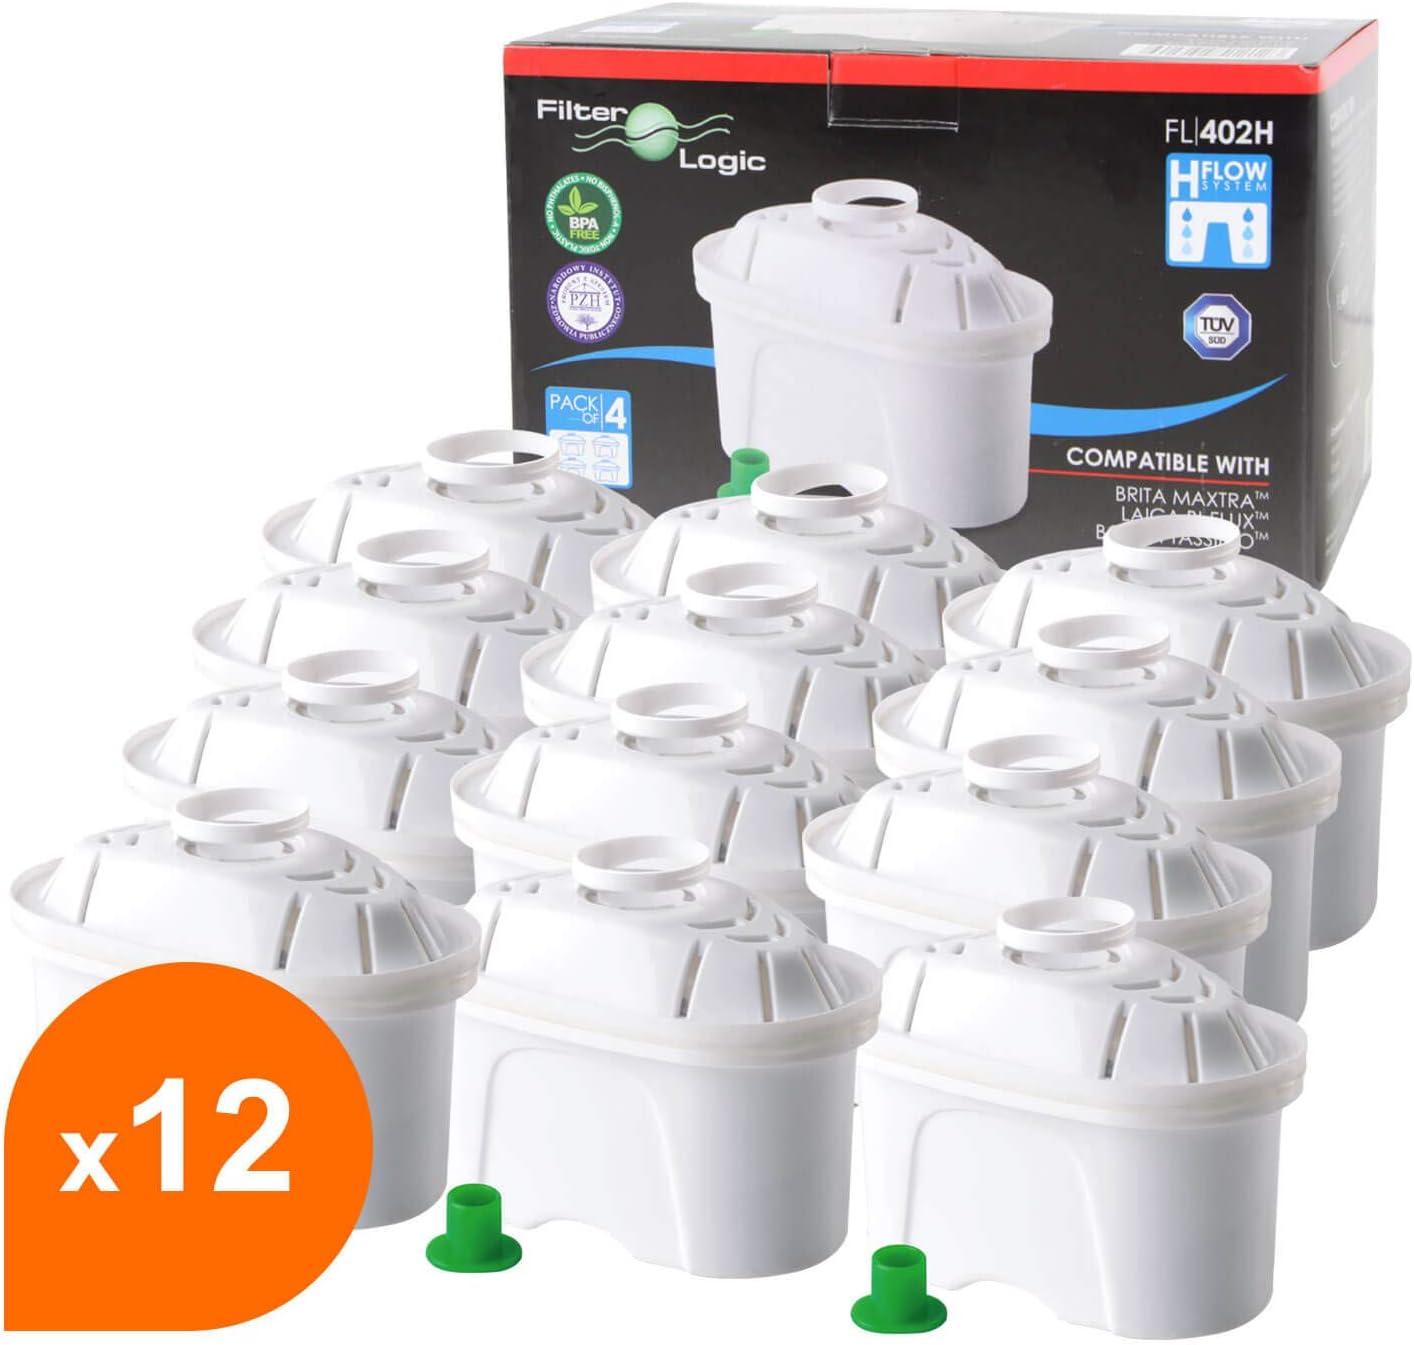 FilterLogic FL402H - 12 unidades - cartucho de filtro compatible con BRITA Maxtra para Elemaris / Marella / Navelia / Fun - Bosch Siemens Tassimo jarra filtrante - 100486 1009696: Amazon.es: Hogar